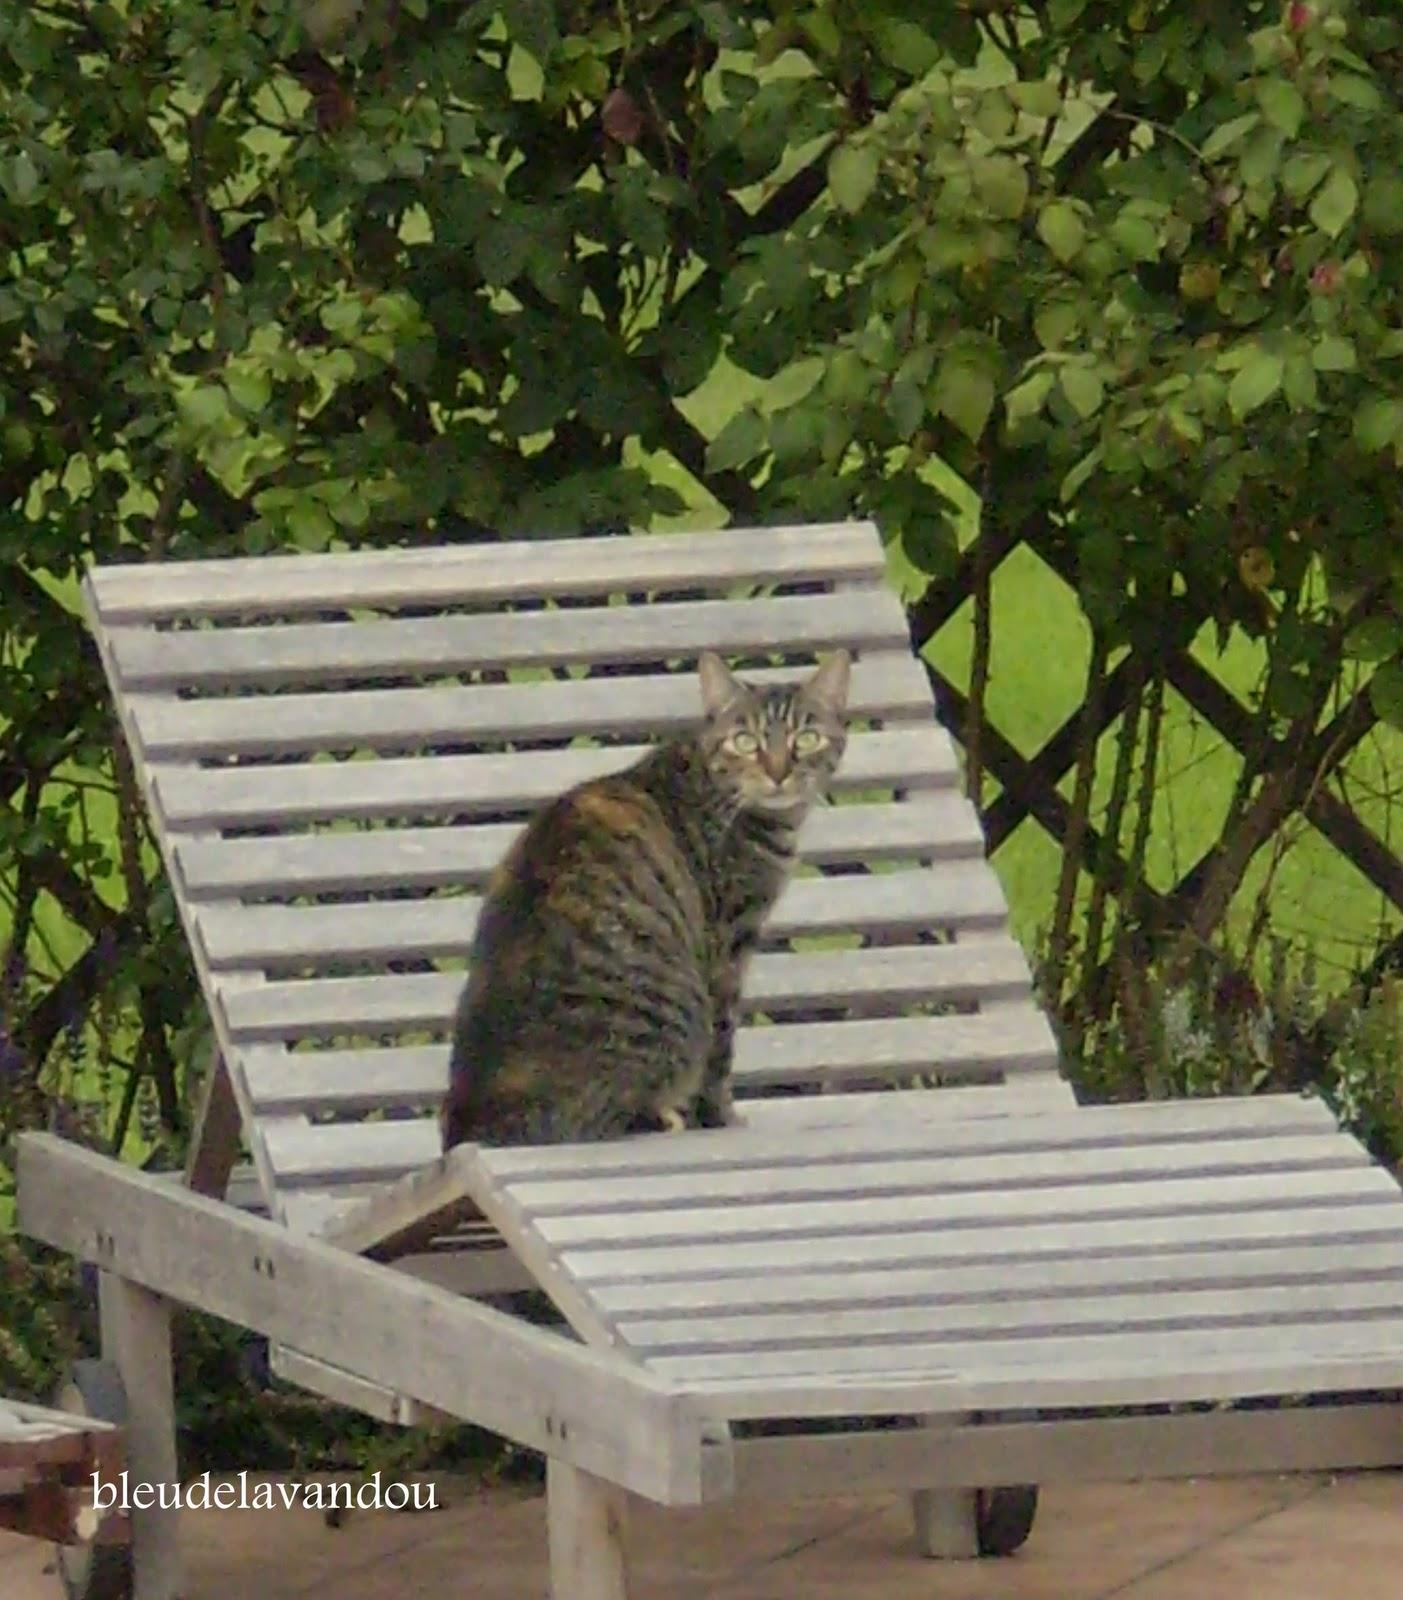 Bleudelavandou: kattekwaad en kattestreken